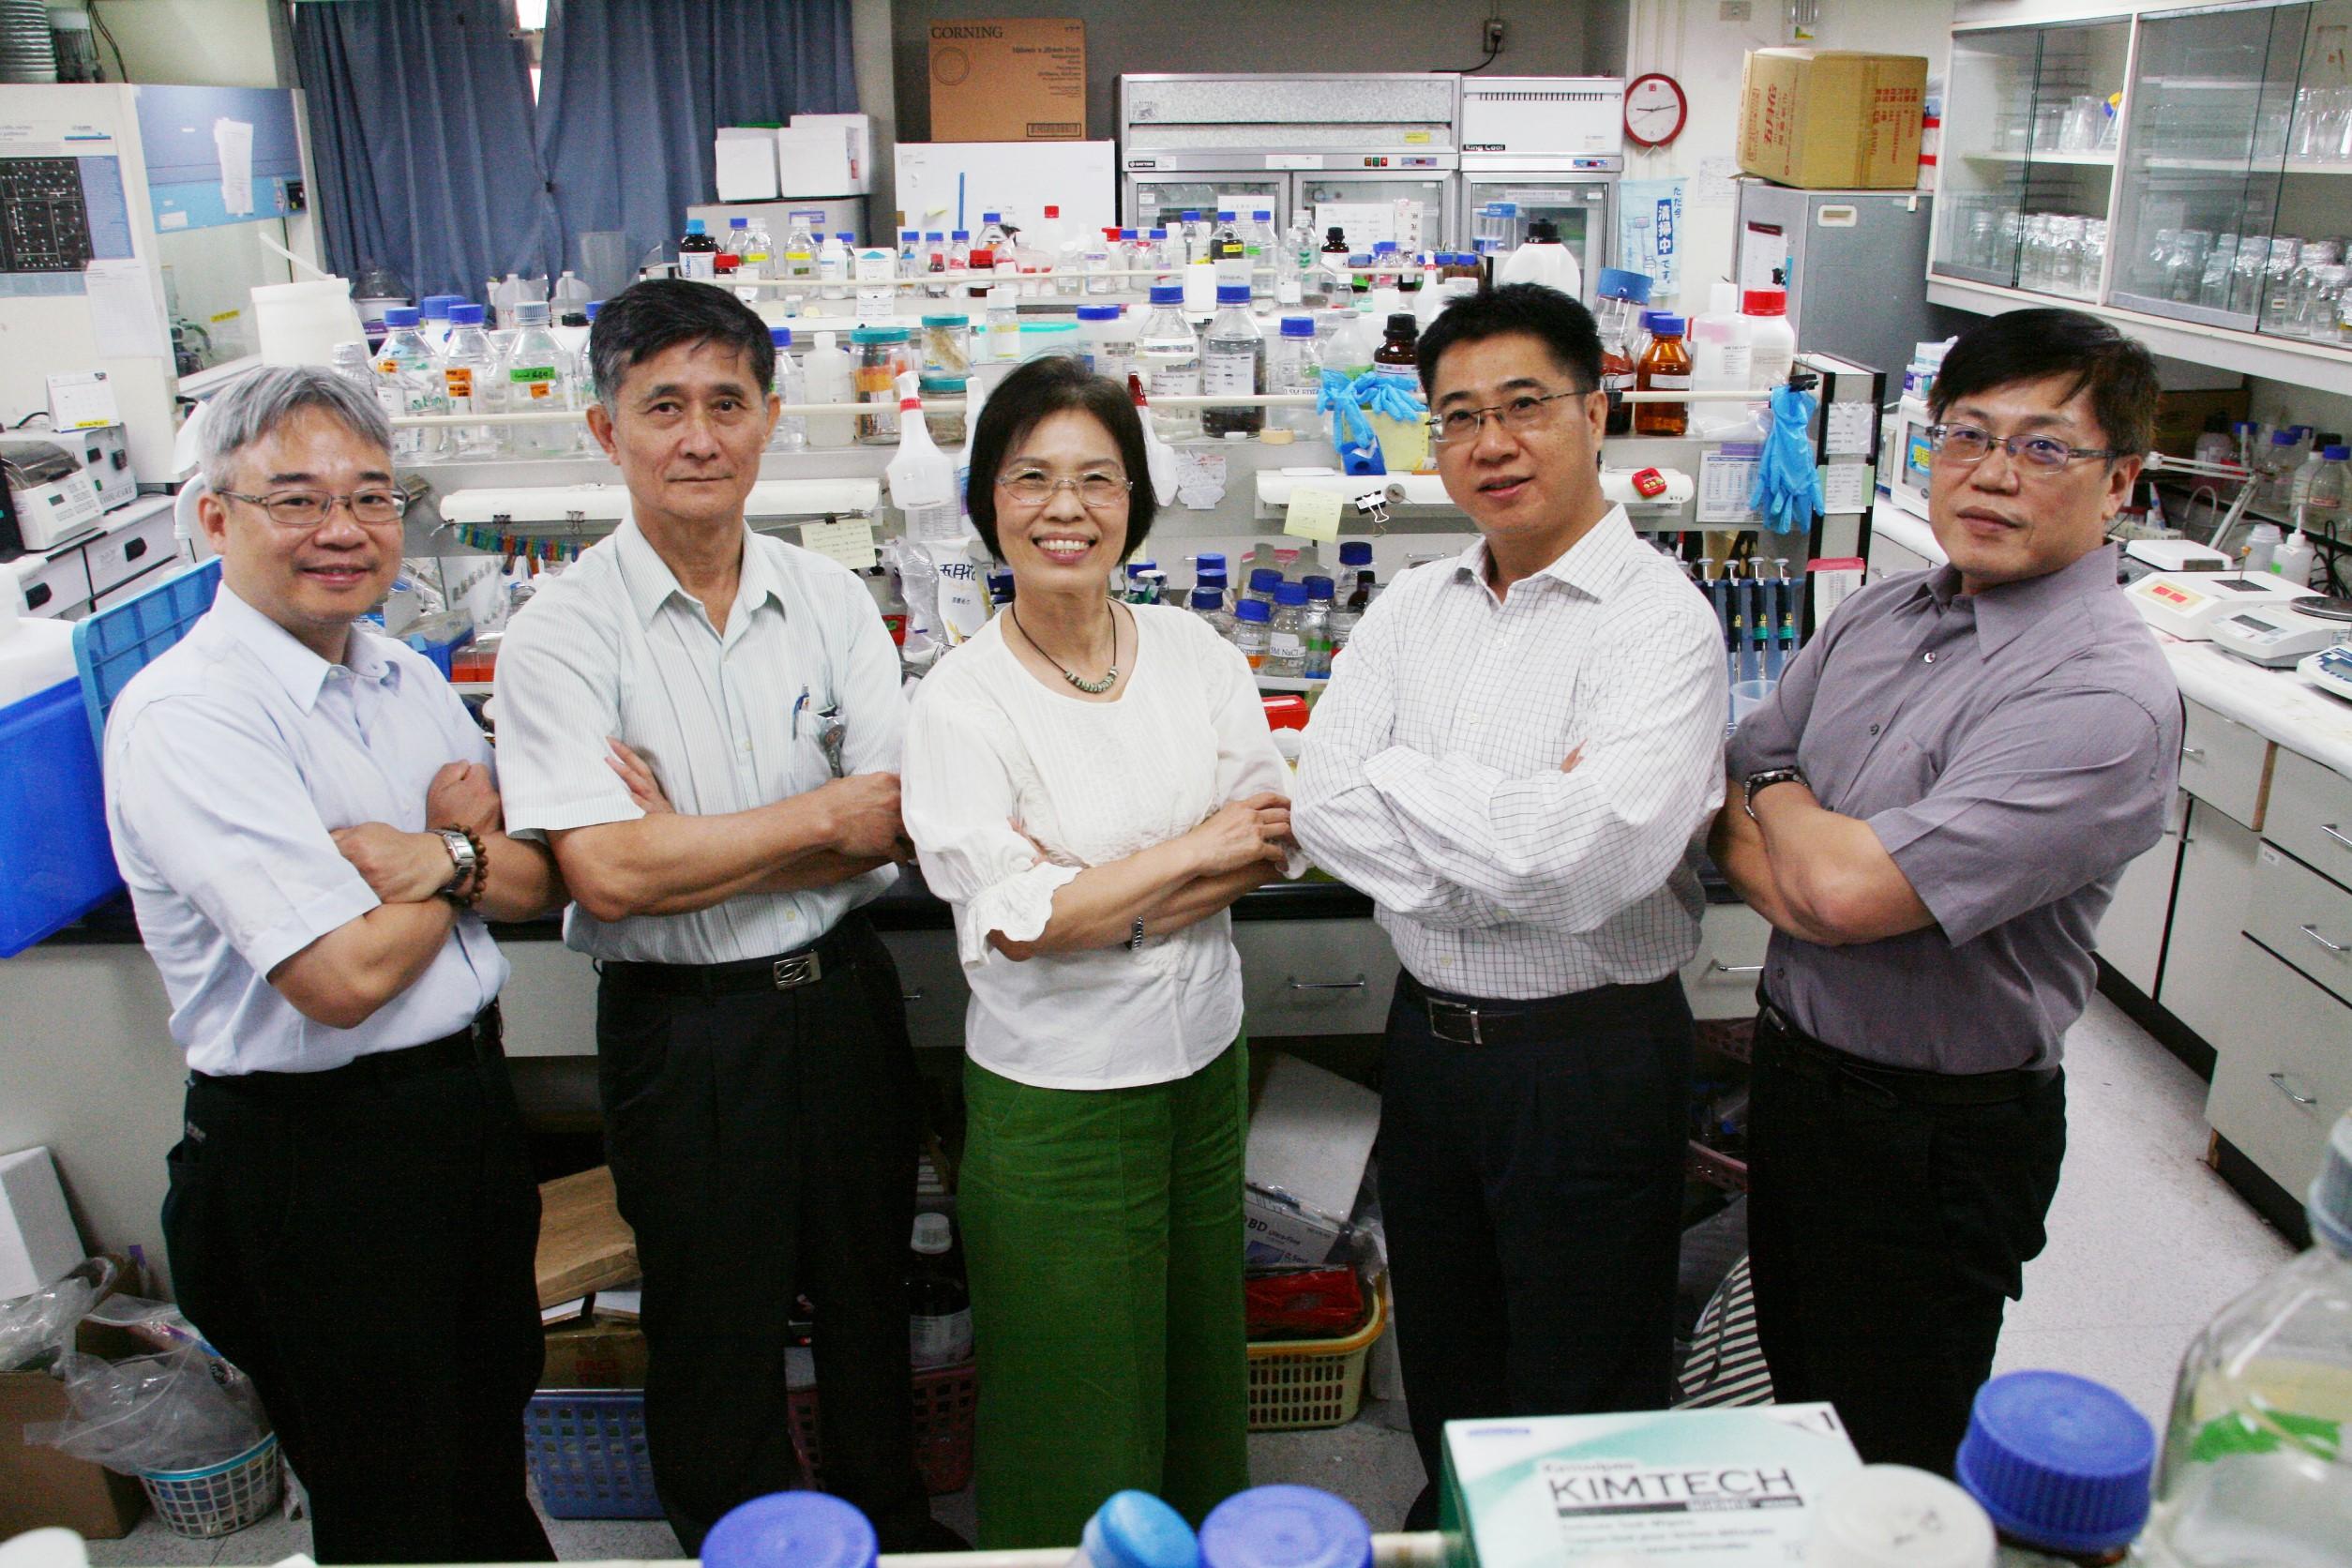 發明人團隊-左起 陳崇桓醫師 張瑞根醫師 何美泠教授 林哲信教授 王耀賢博士